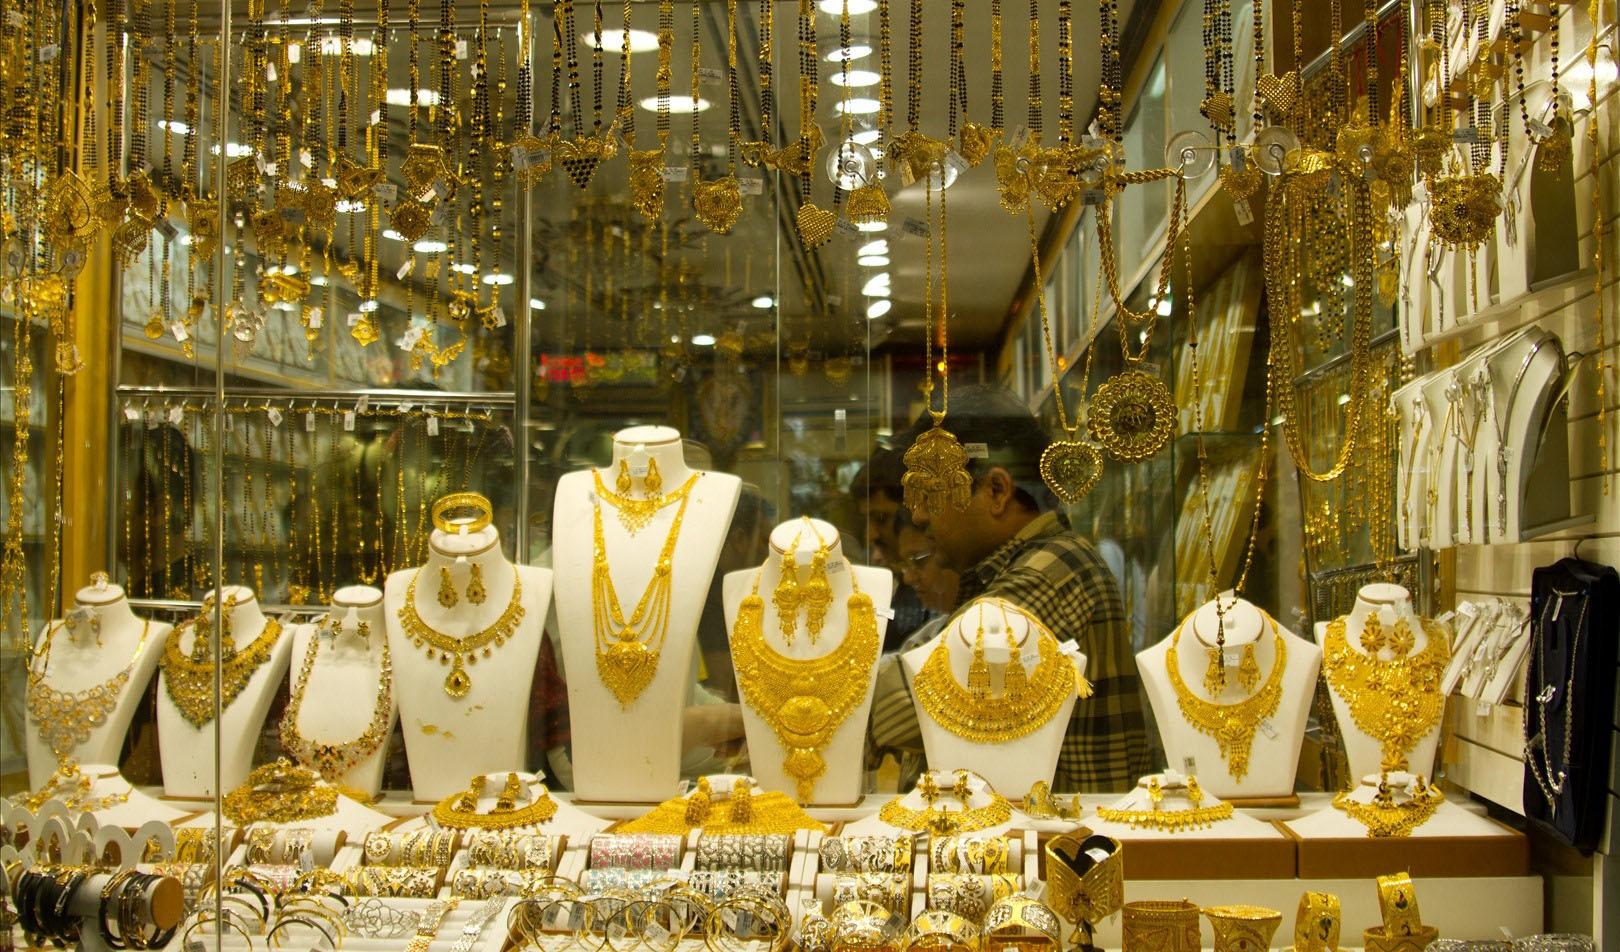 چرا امروز طلا در جهان گران شد و در ایران ارزان؟